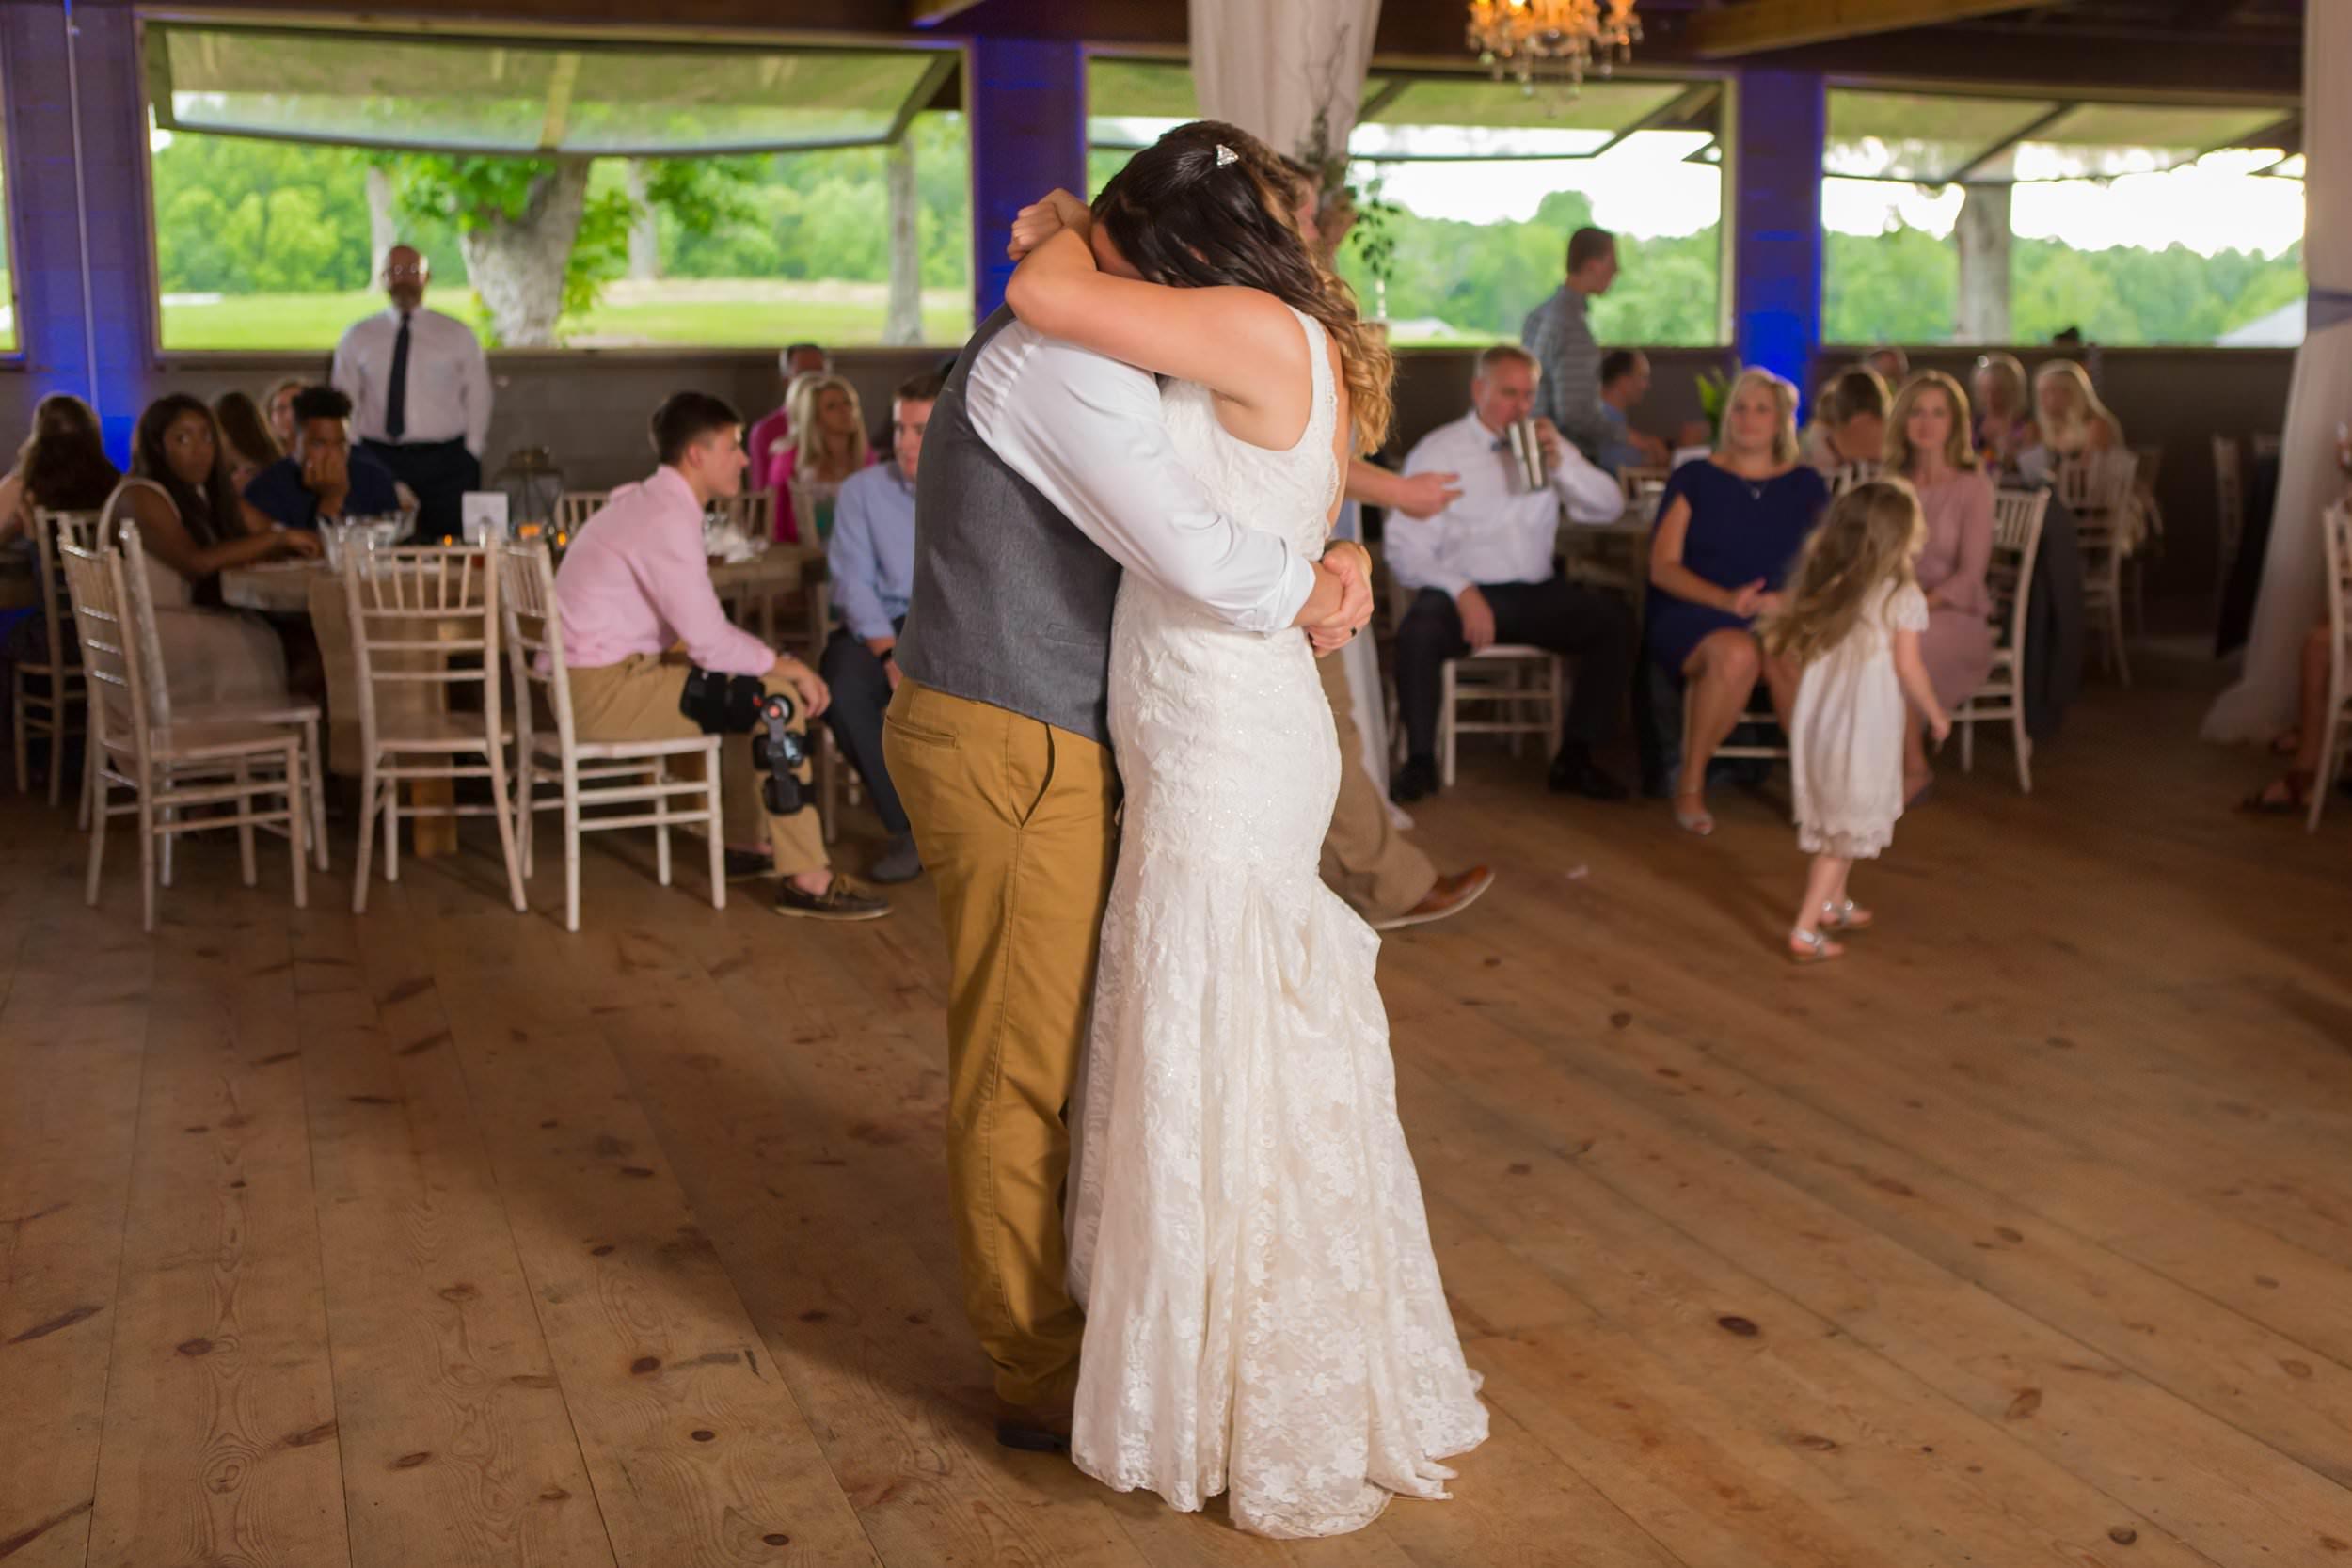 Abby-Manor-Events-Wedding-Photos53.jpg